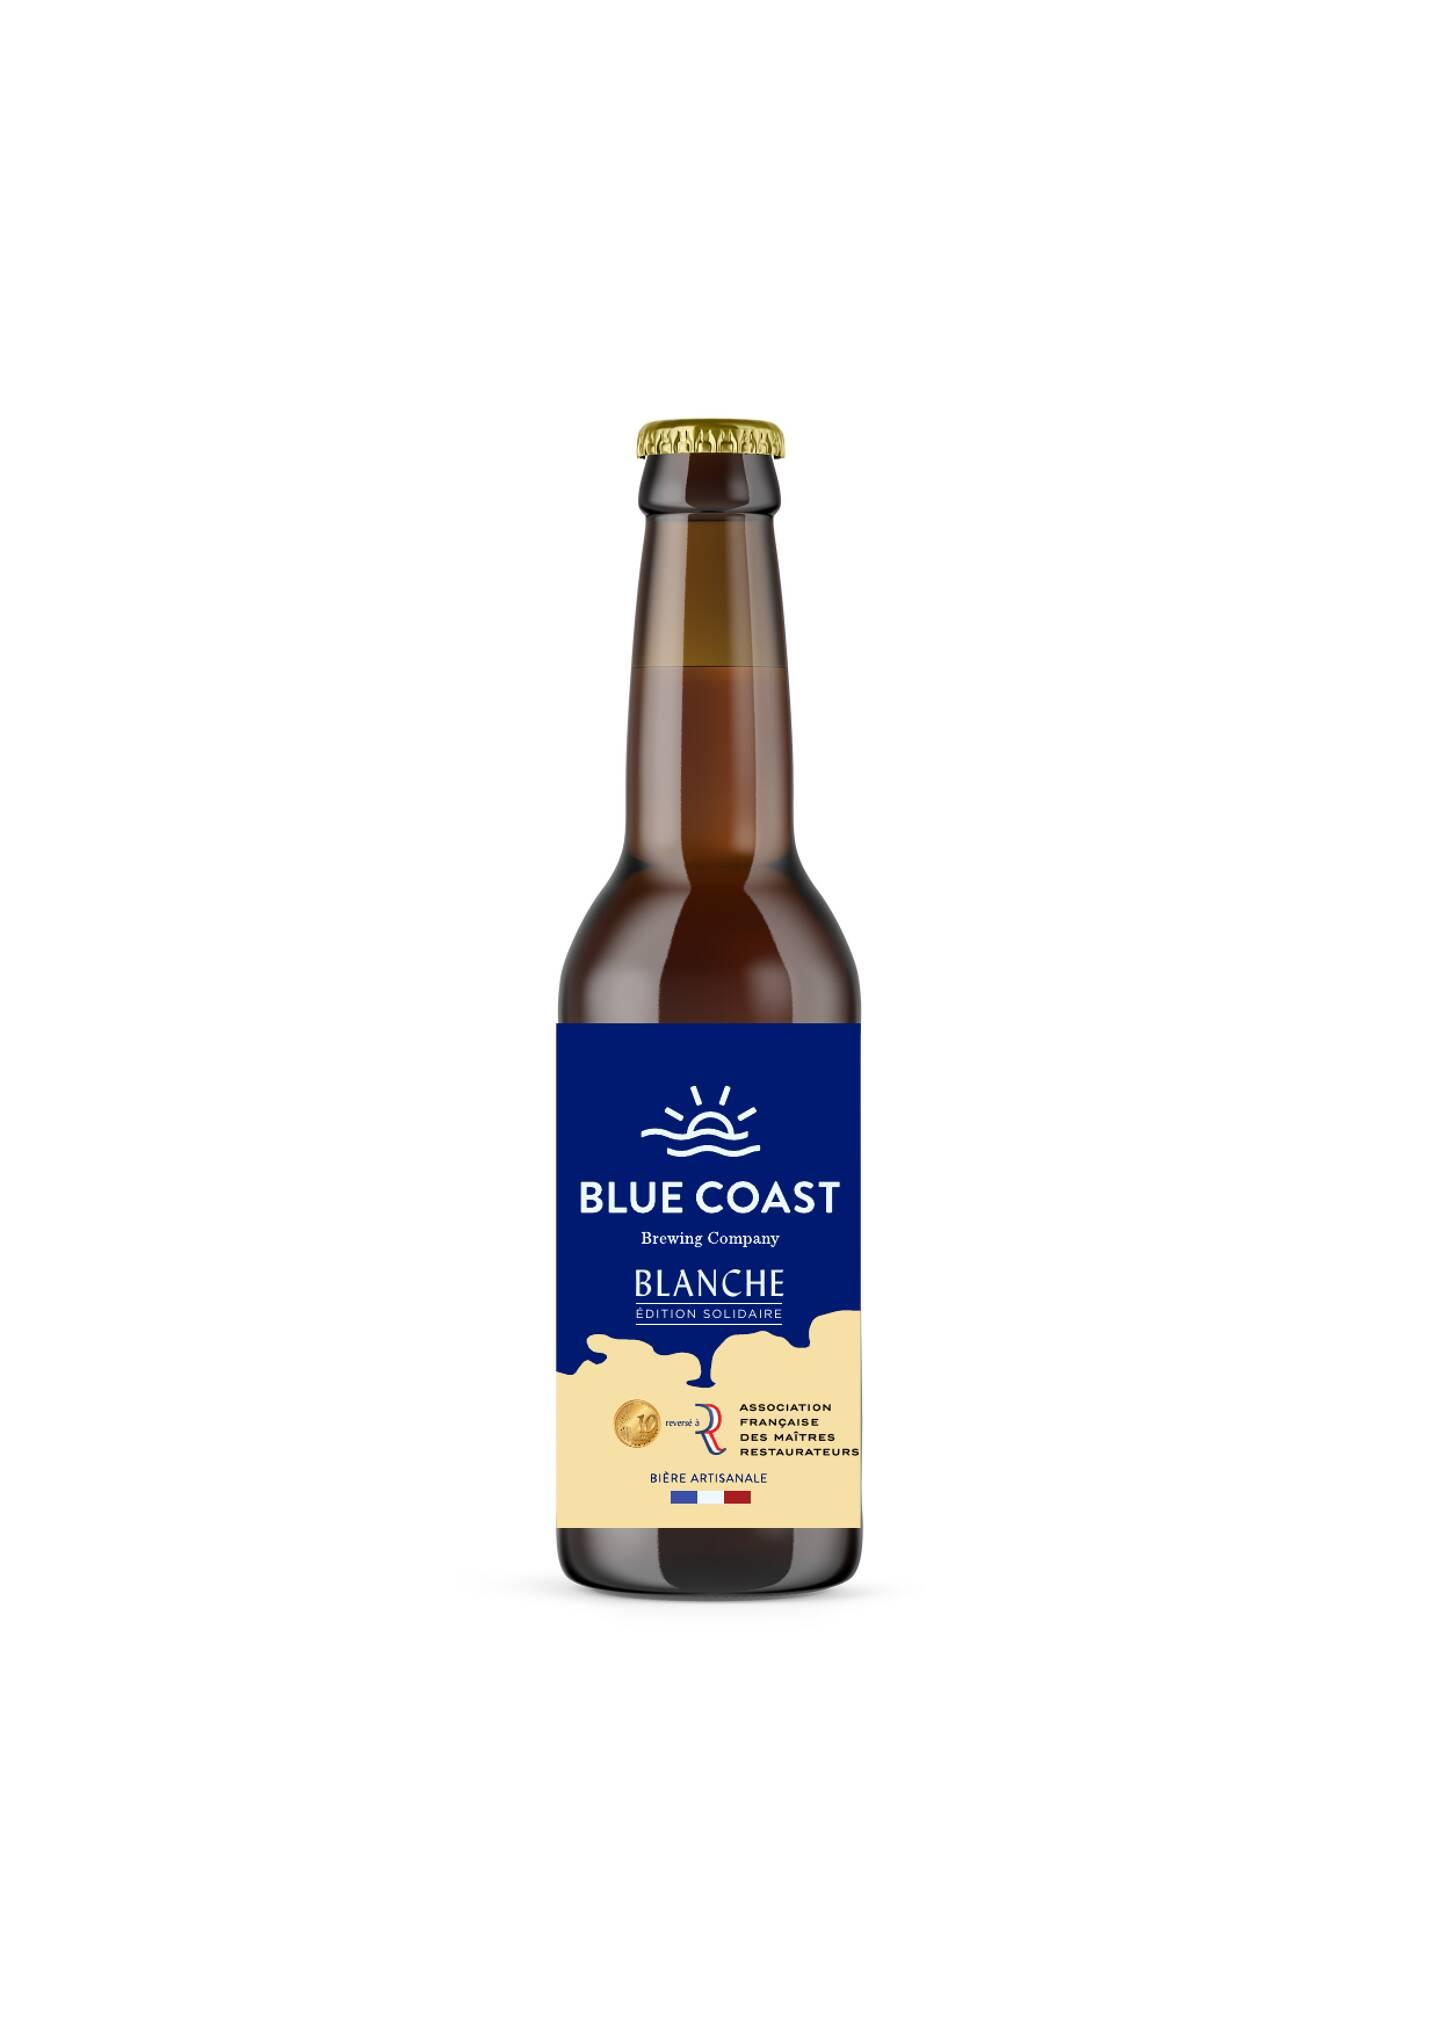 Blue Coast Brewing Compagny brasse la bière Mounta Cala pour la Brasserie du Comté détruite par la tempête Alex. Elle a aussi créé la bière Blanche Solidaire. Dix centimes sur chaque bouteille vendue seront reversés au profit des restaurateurs fermés en raison de la Covid.